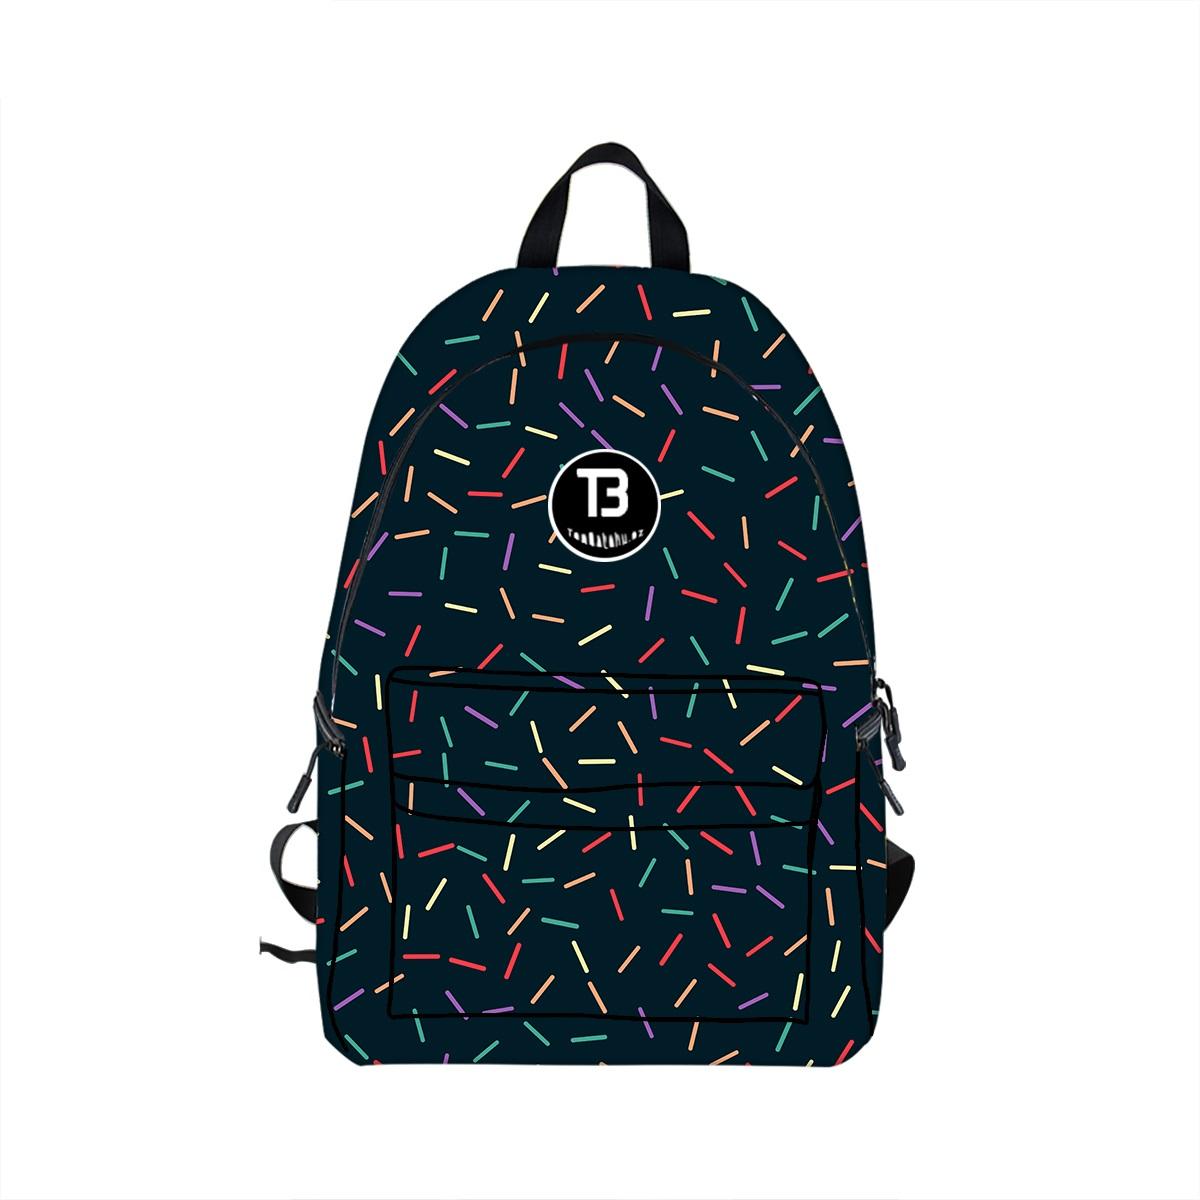 a2e69a6b6de Stylový černý batoh s originálním motivem může být úžasným společníkem pro  Vás do školy nebo na výlety.